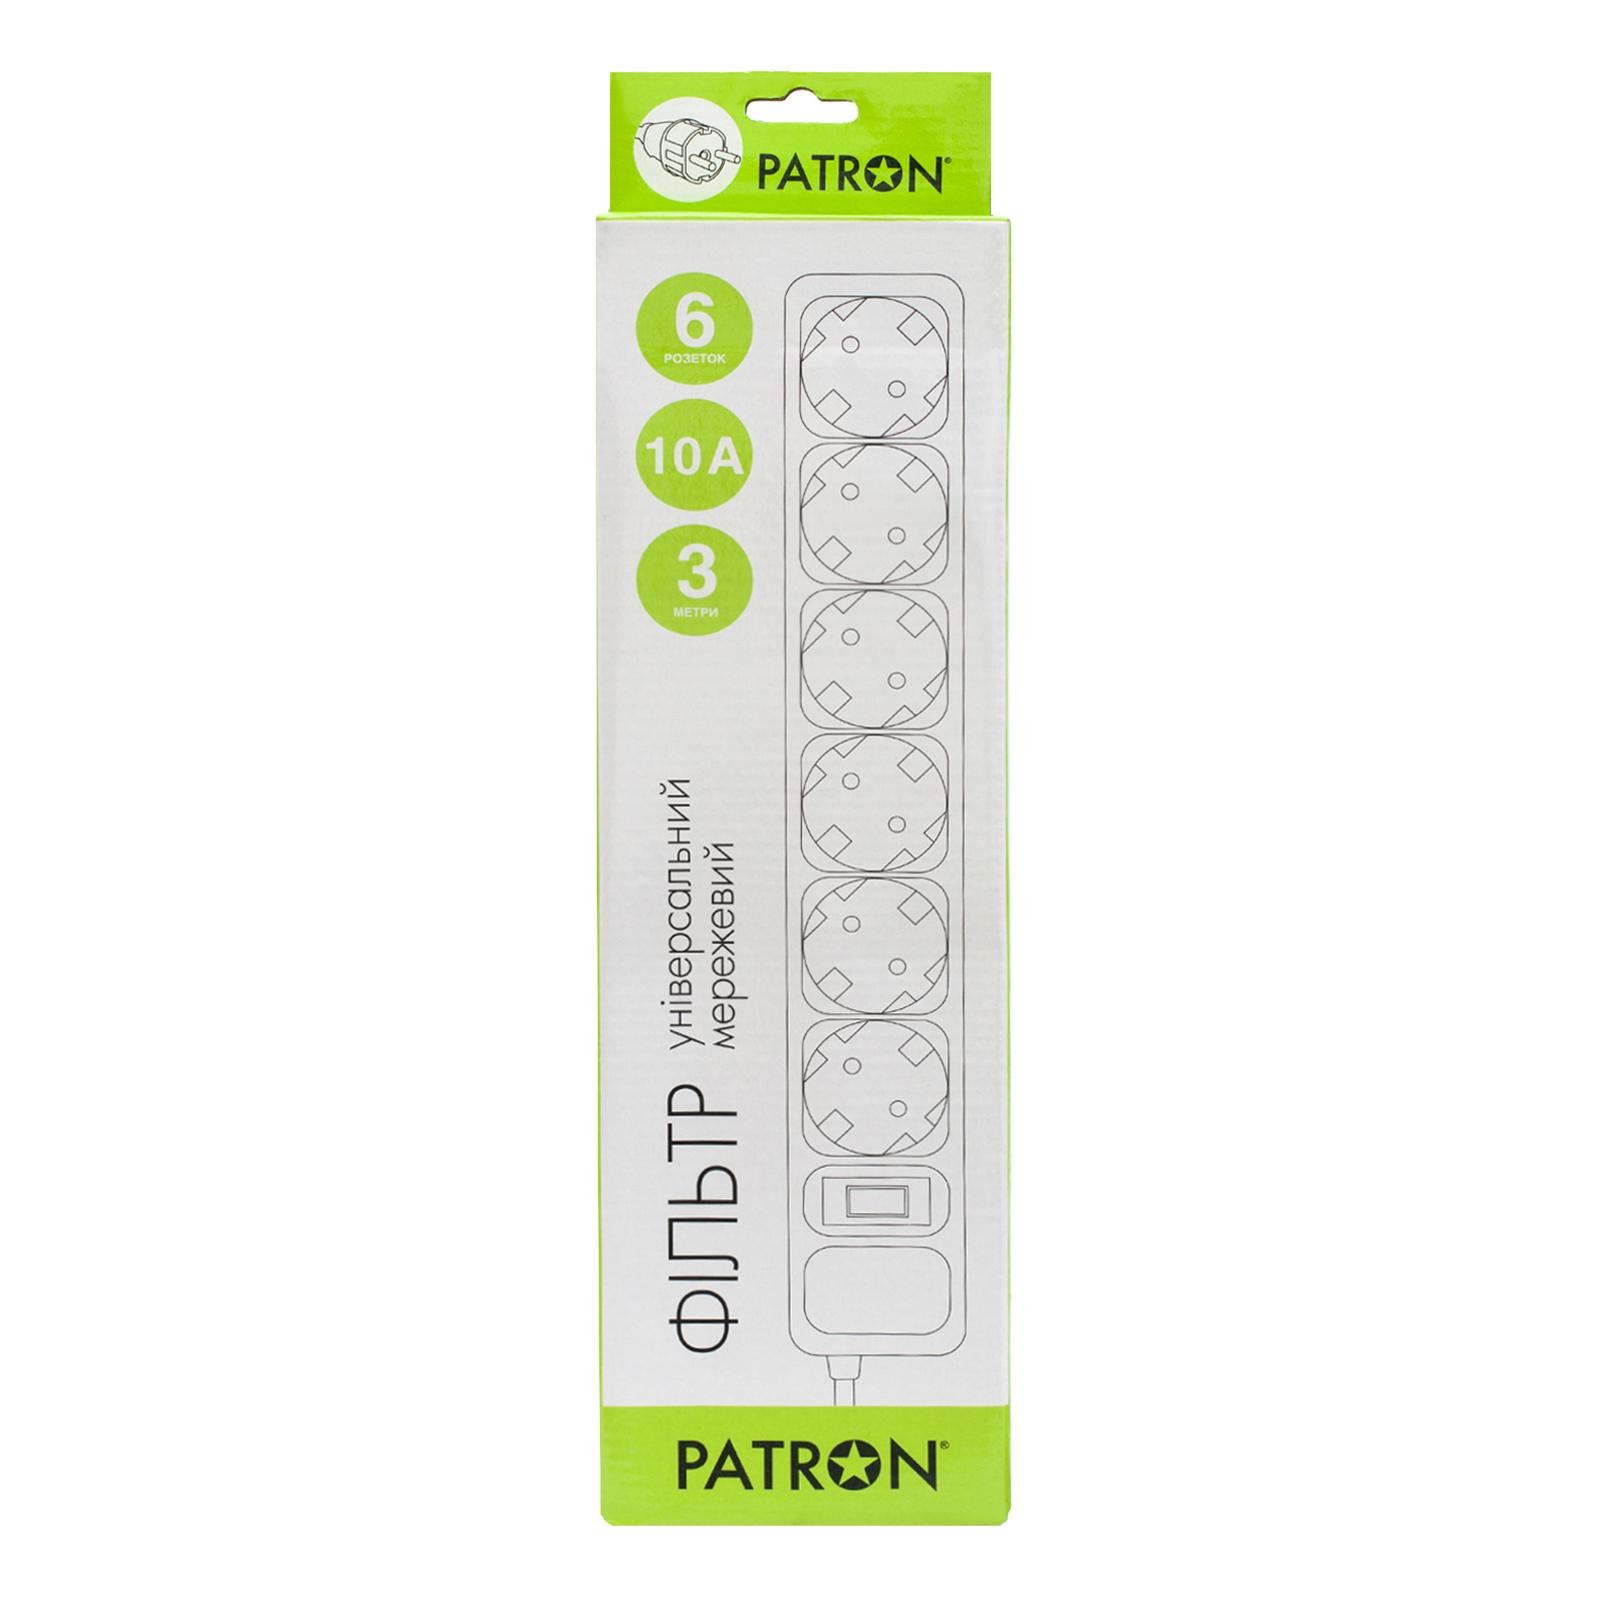 Сетевой фильтр питания Patron 3m (SP-1063W), 6 розеток White (EXT-PN-SP-1063W) изображение 2